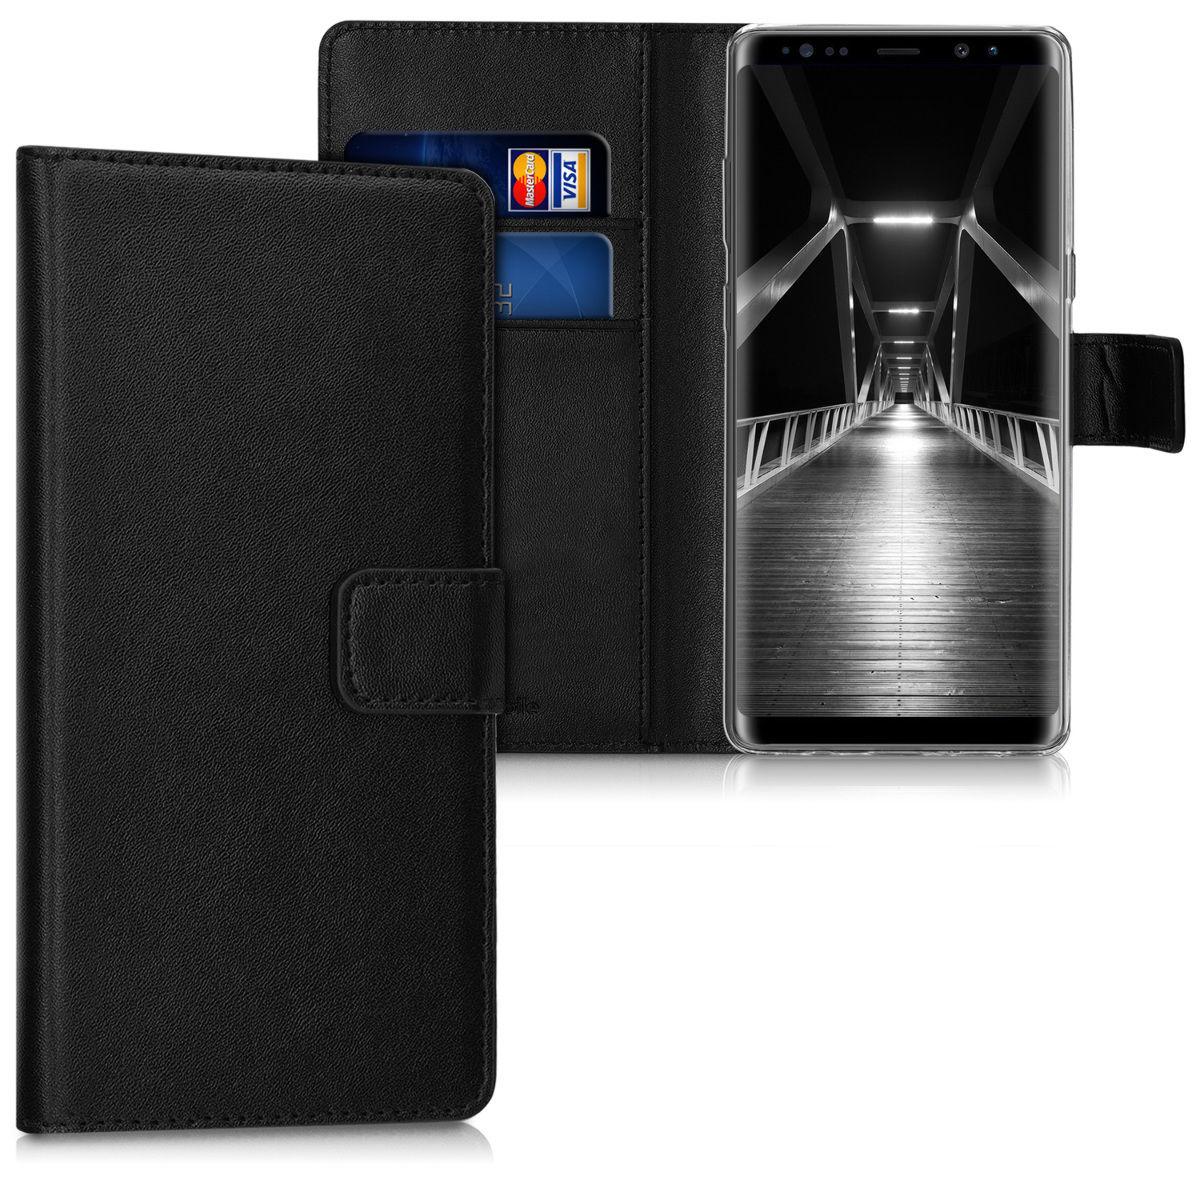 Pouzdro FLIP pro Samsung Galaxy Note 8 černé